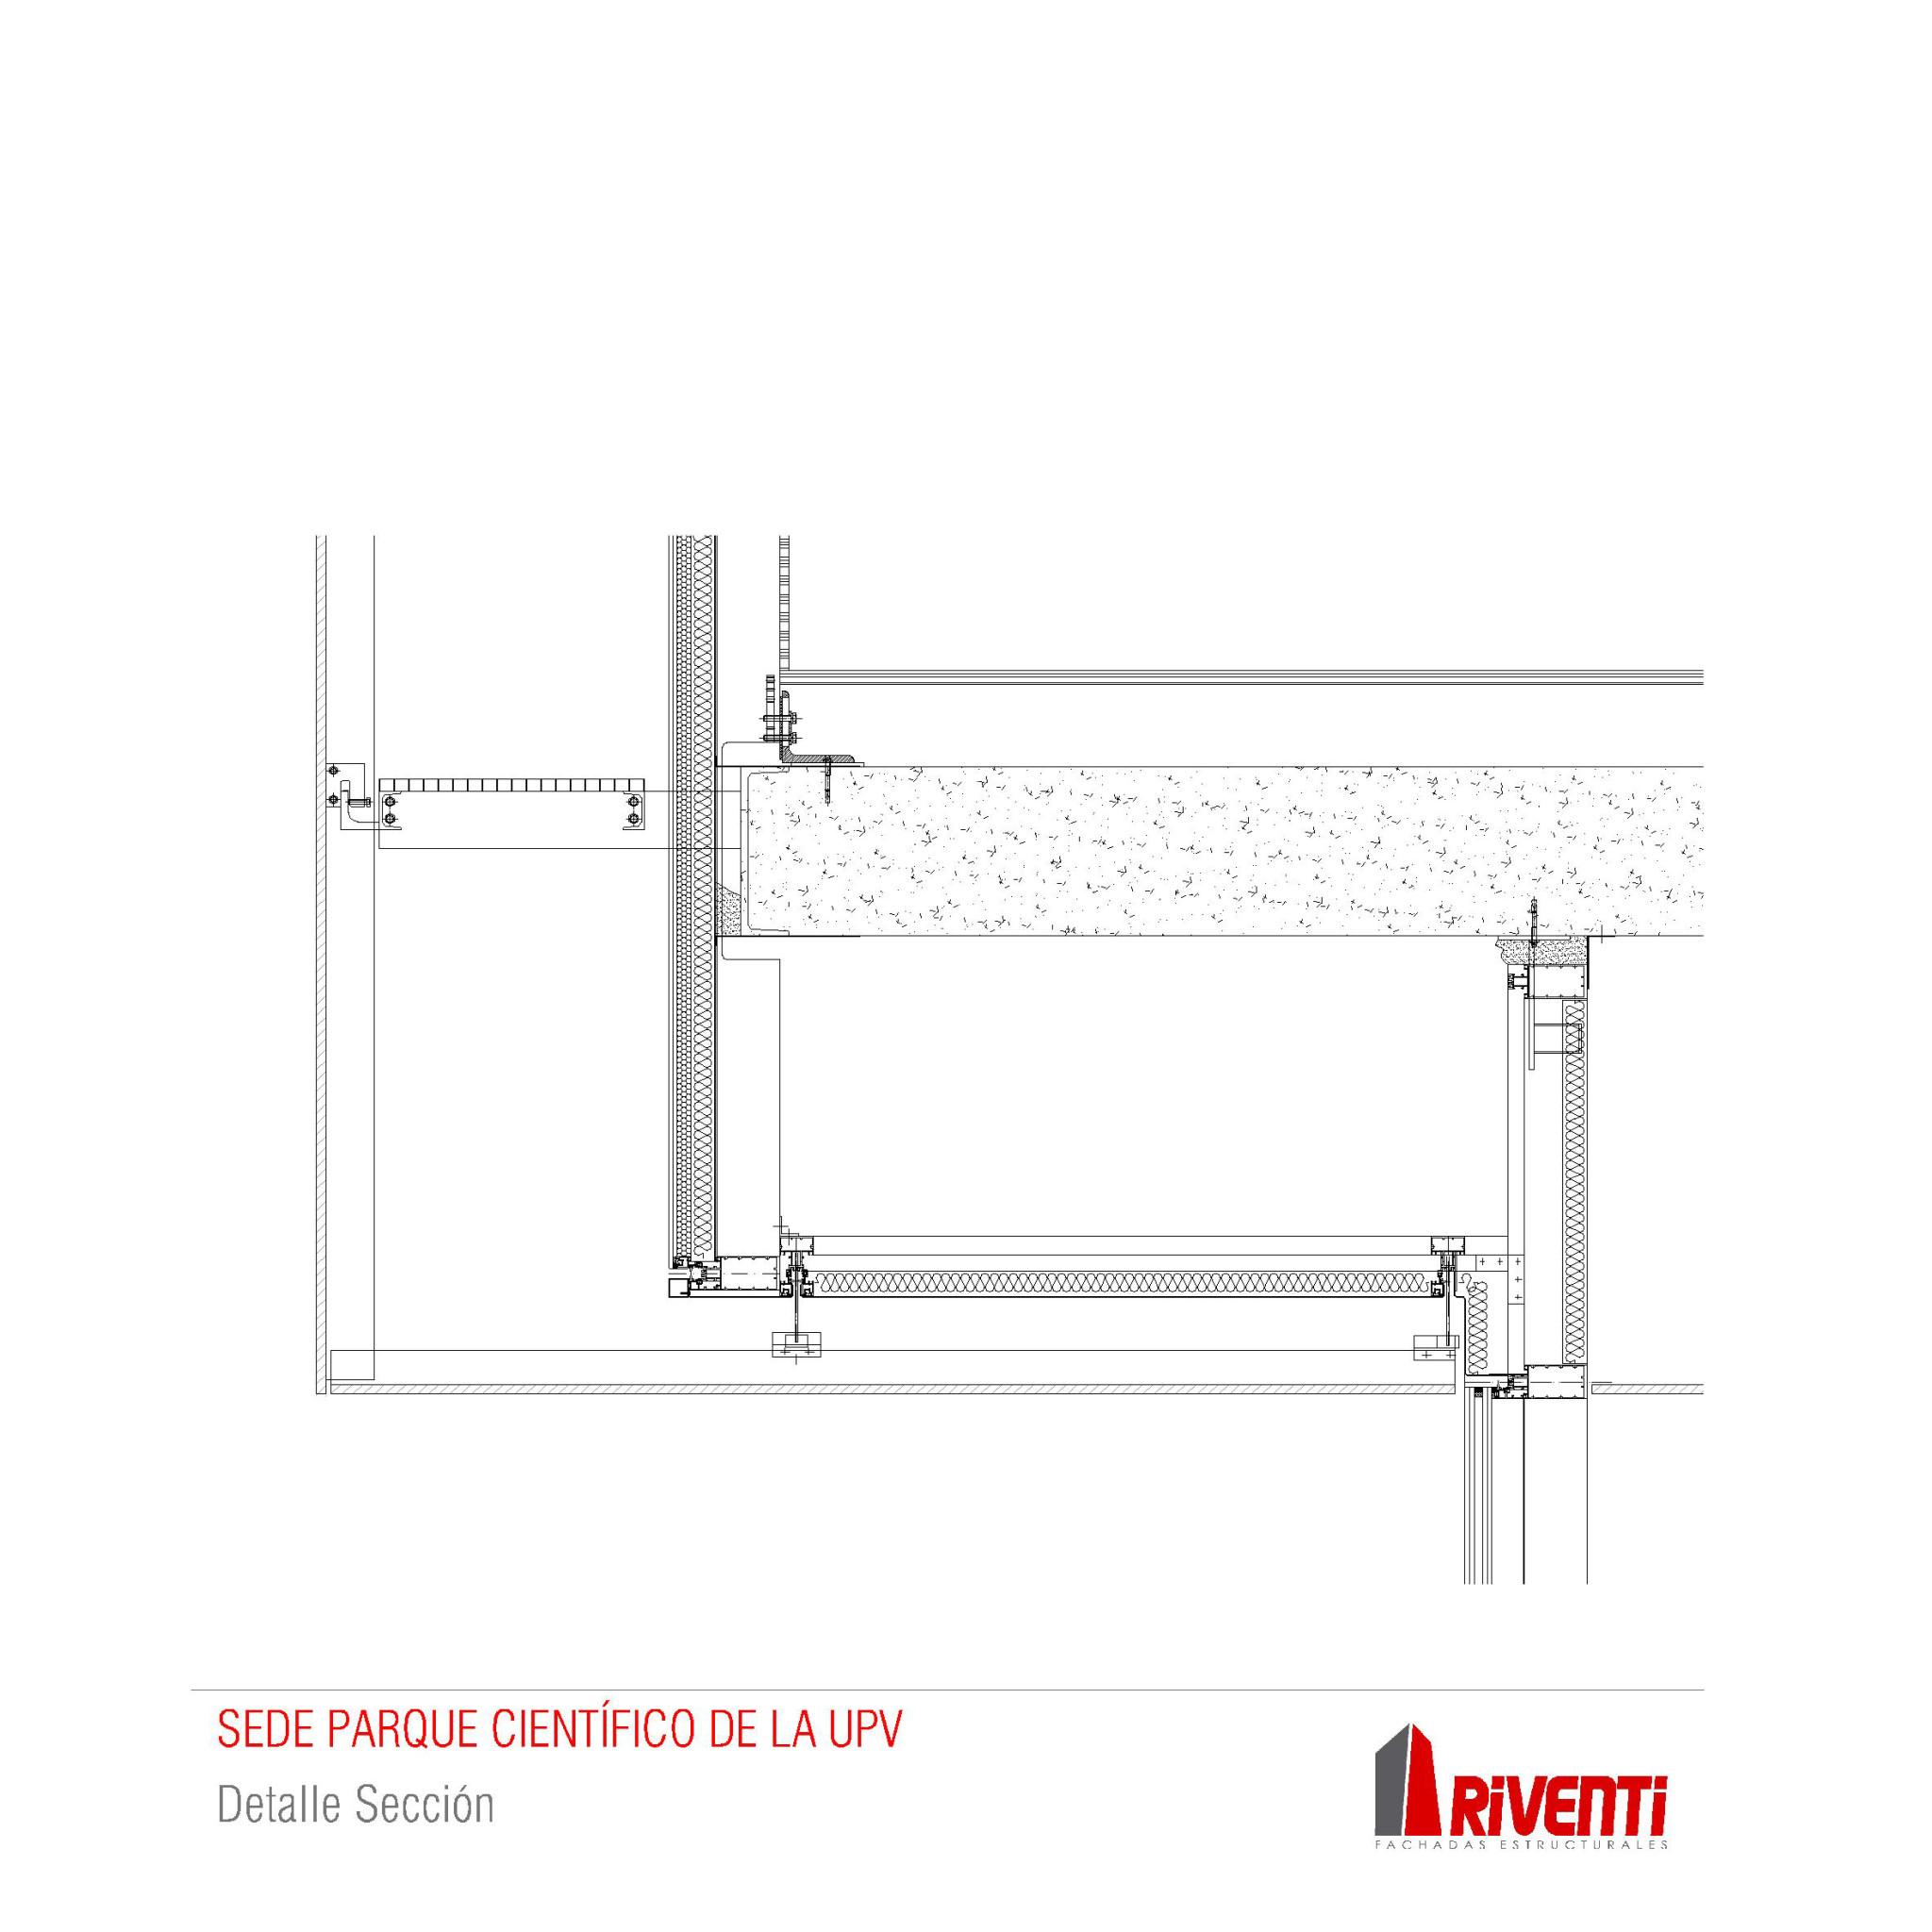 fachada-doble-piel-deploye-sede-parque-cientifico-upv-muro-cortina-riventi_detalle-seccion (1)